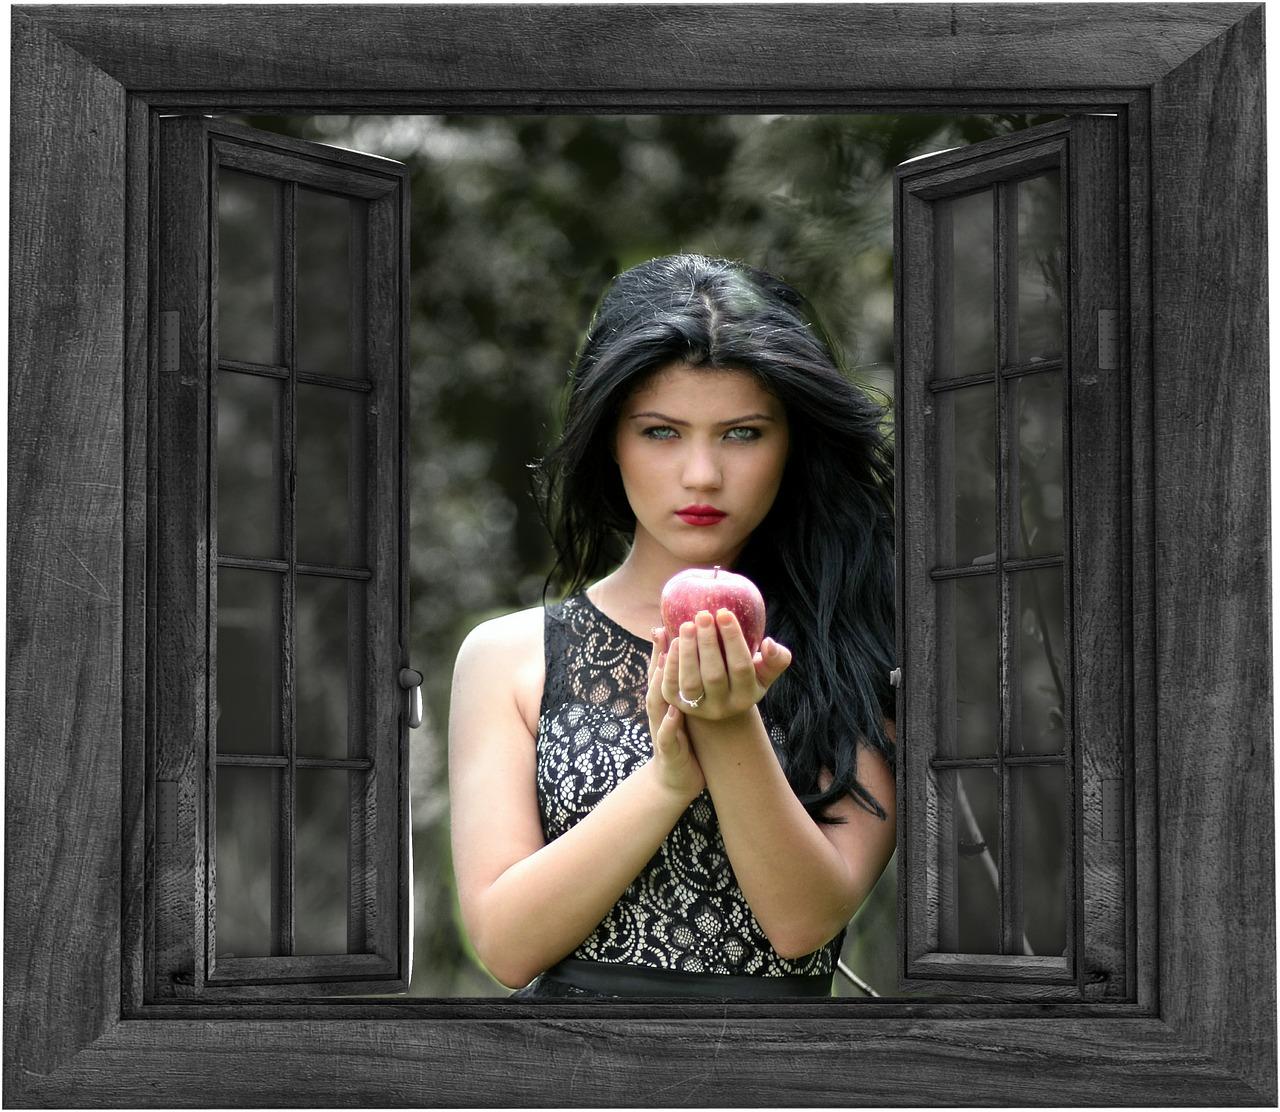 L entra nement dans la peau chapitre 4 miroir mon for Miroir mon beau miroir dis moi